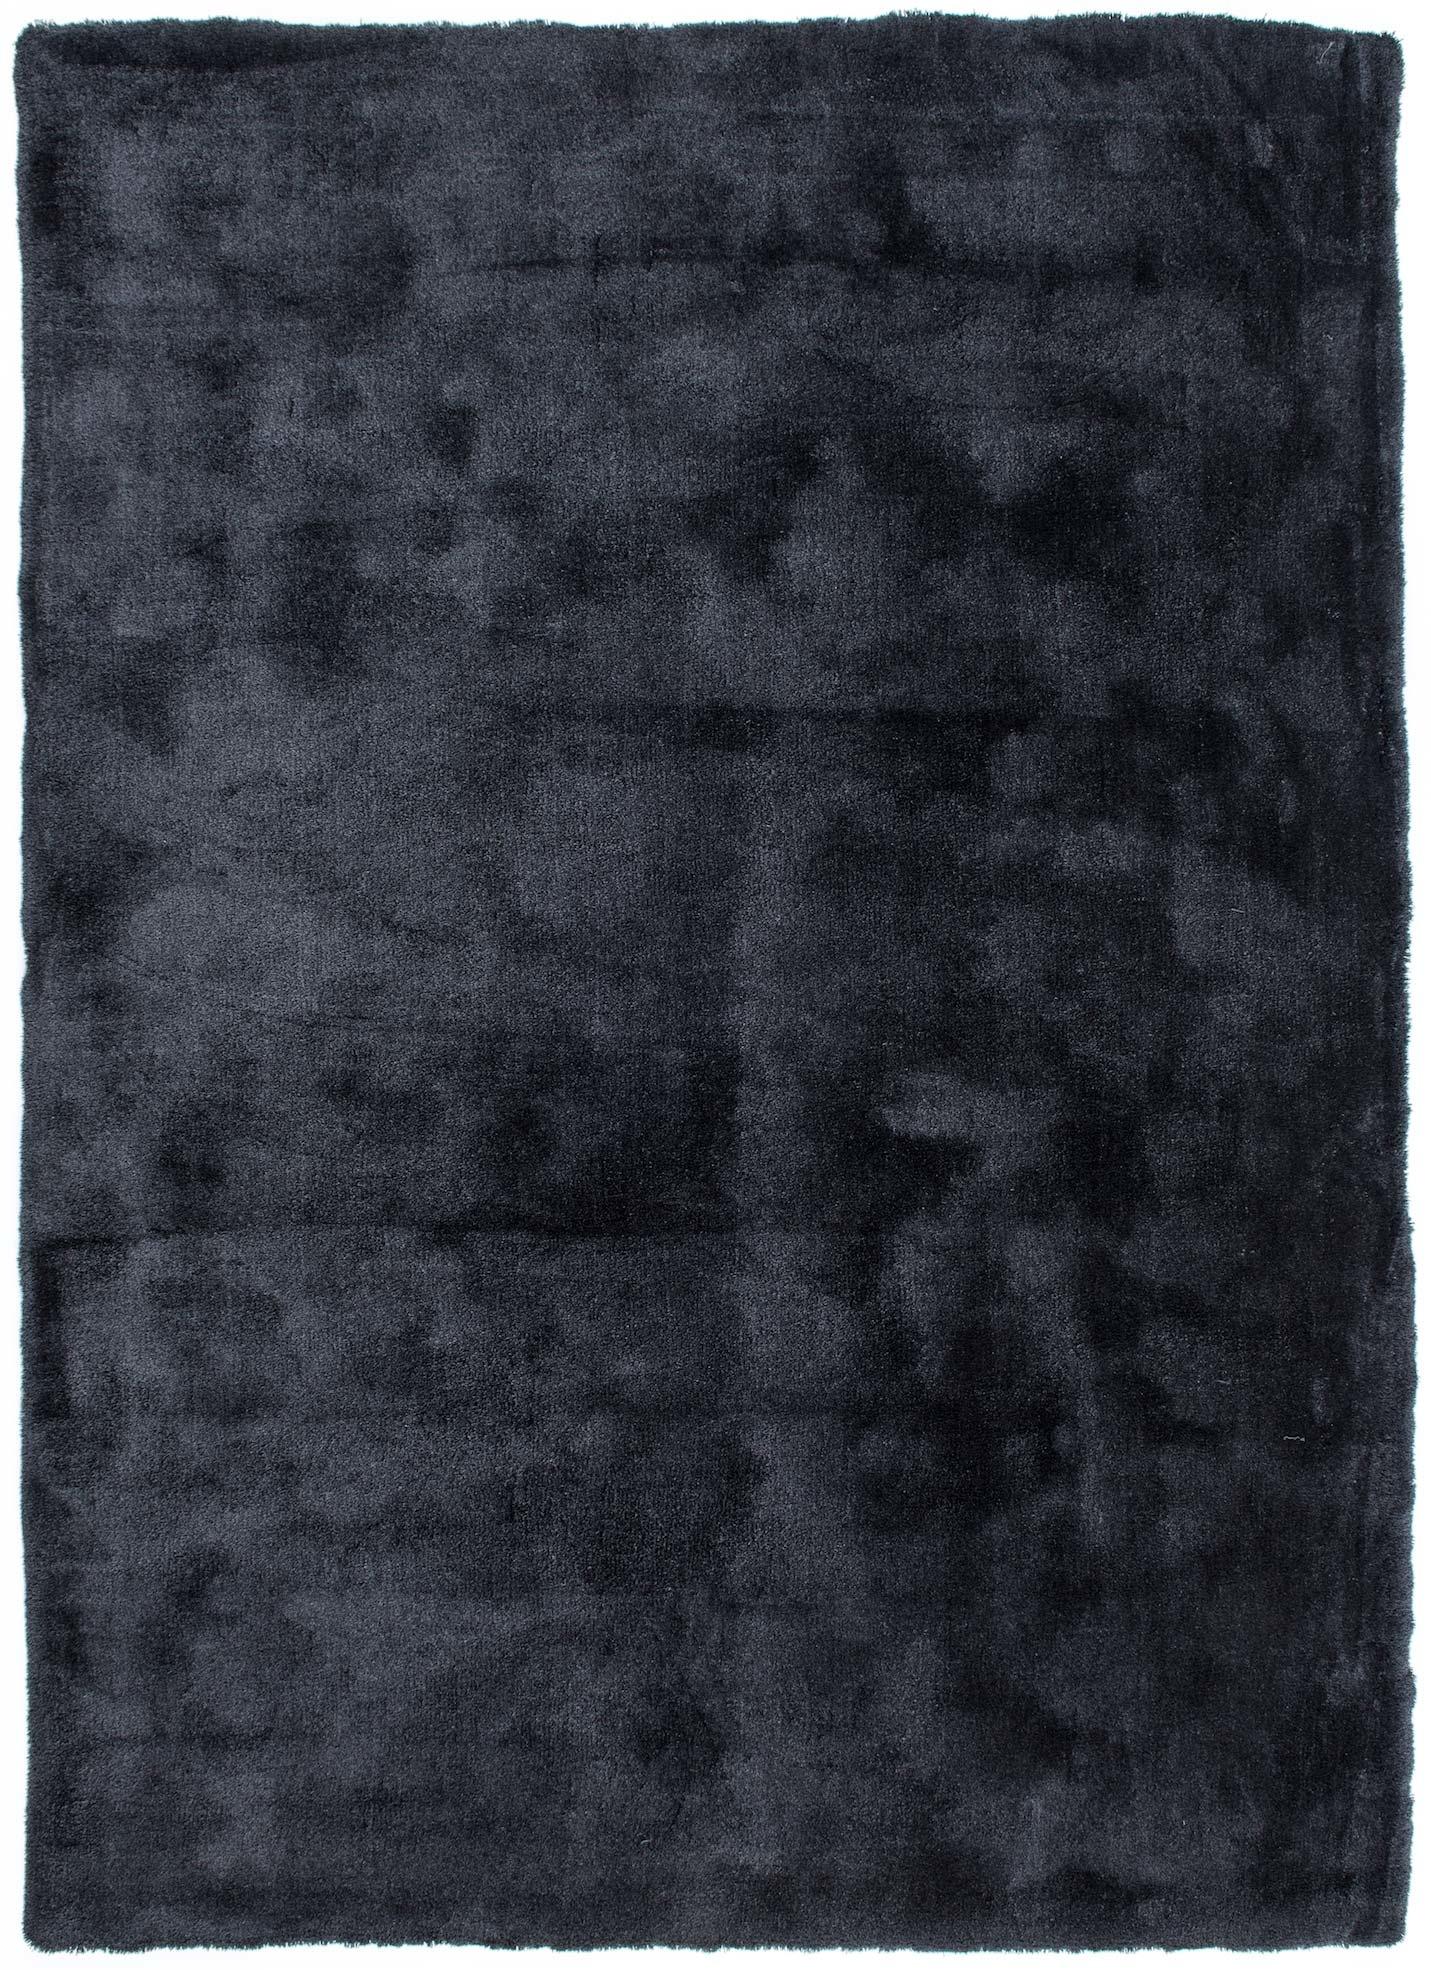 Mart Visser Velvet Touch Intense Grey kleur 24 160x230cm-1